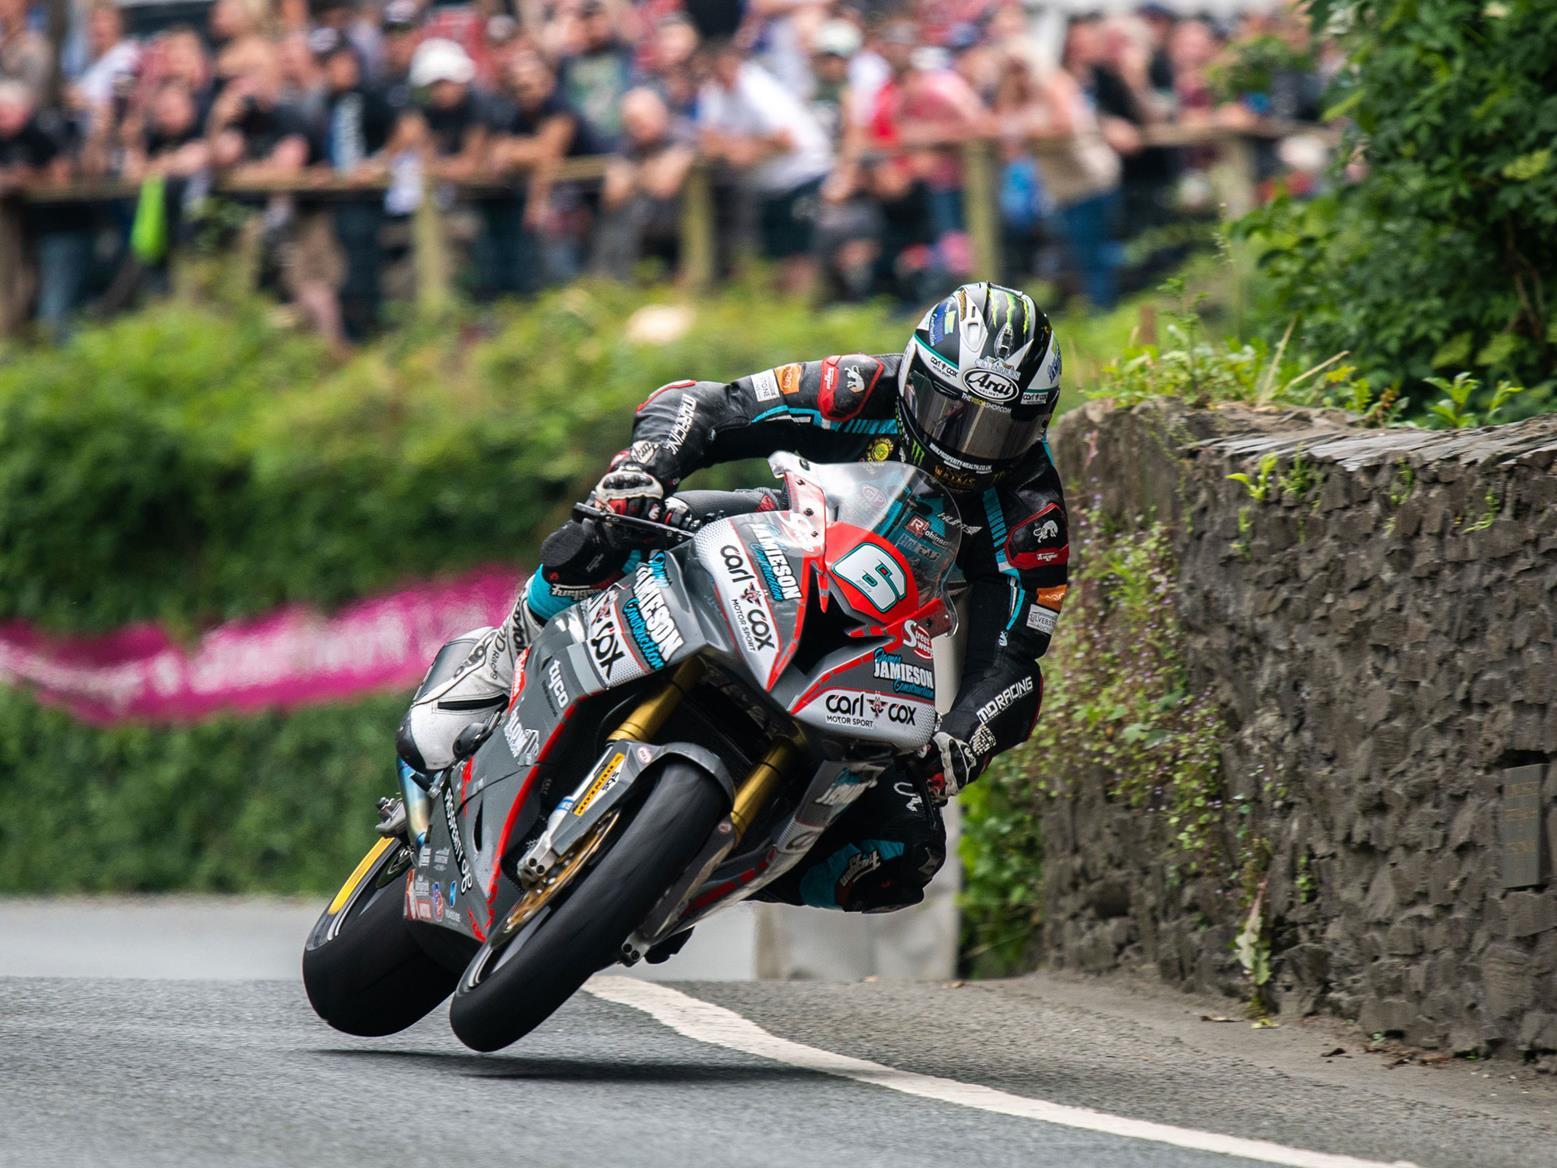 2018 Michael Dunlop win in Superstock TT